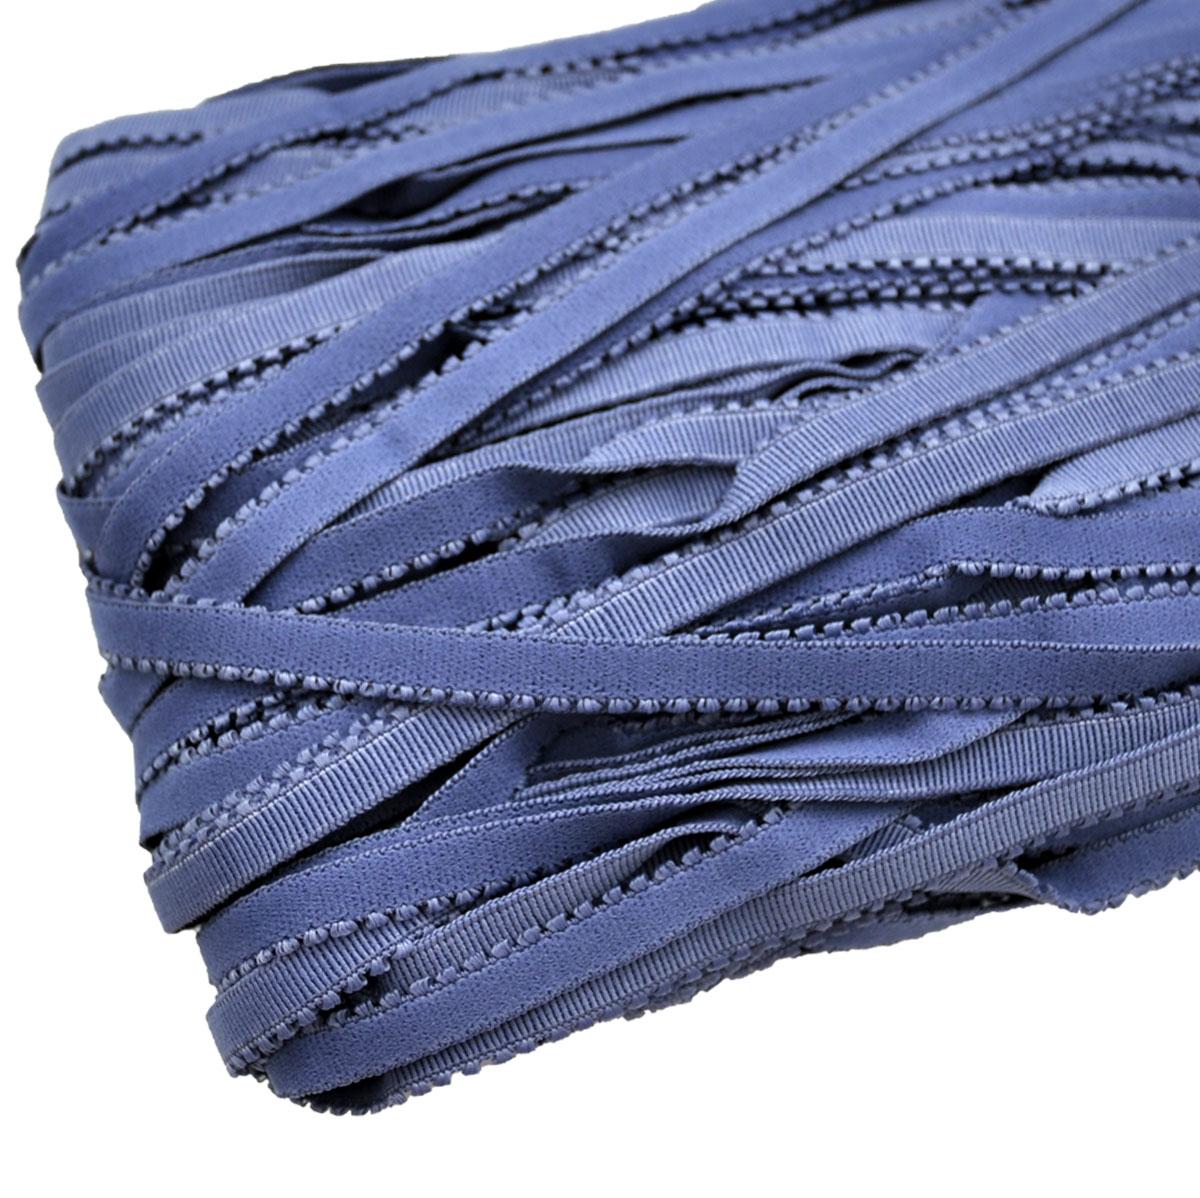 STD/28 эластичная ажурная лента 8мм*50м, сине-серый